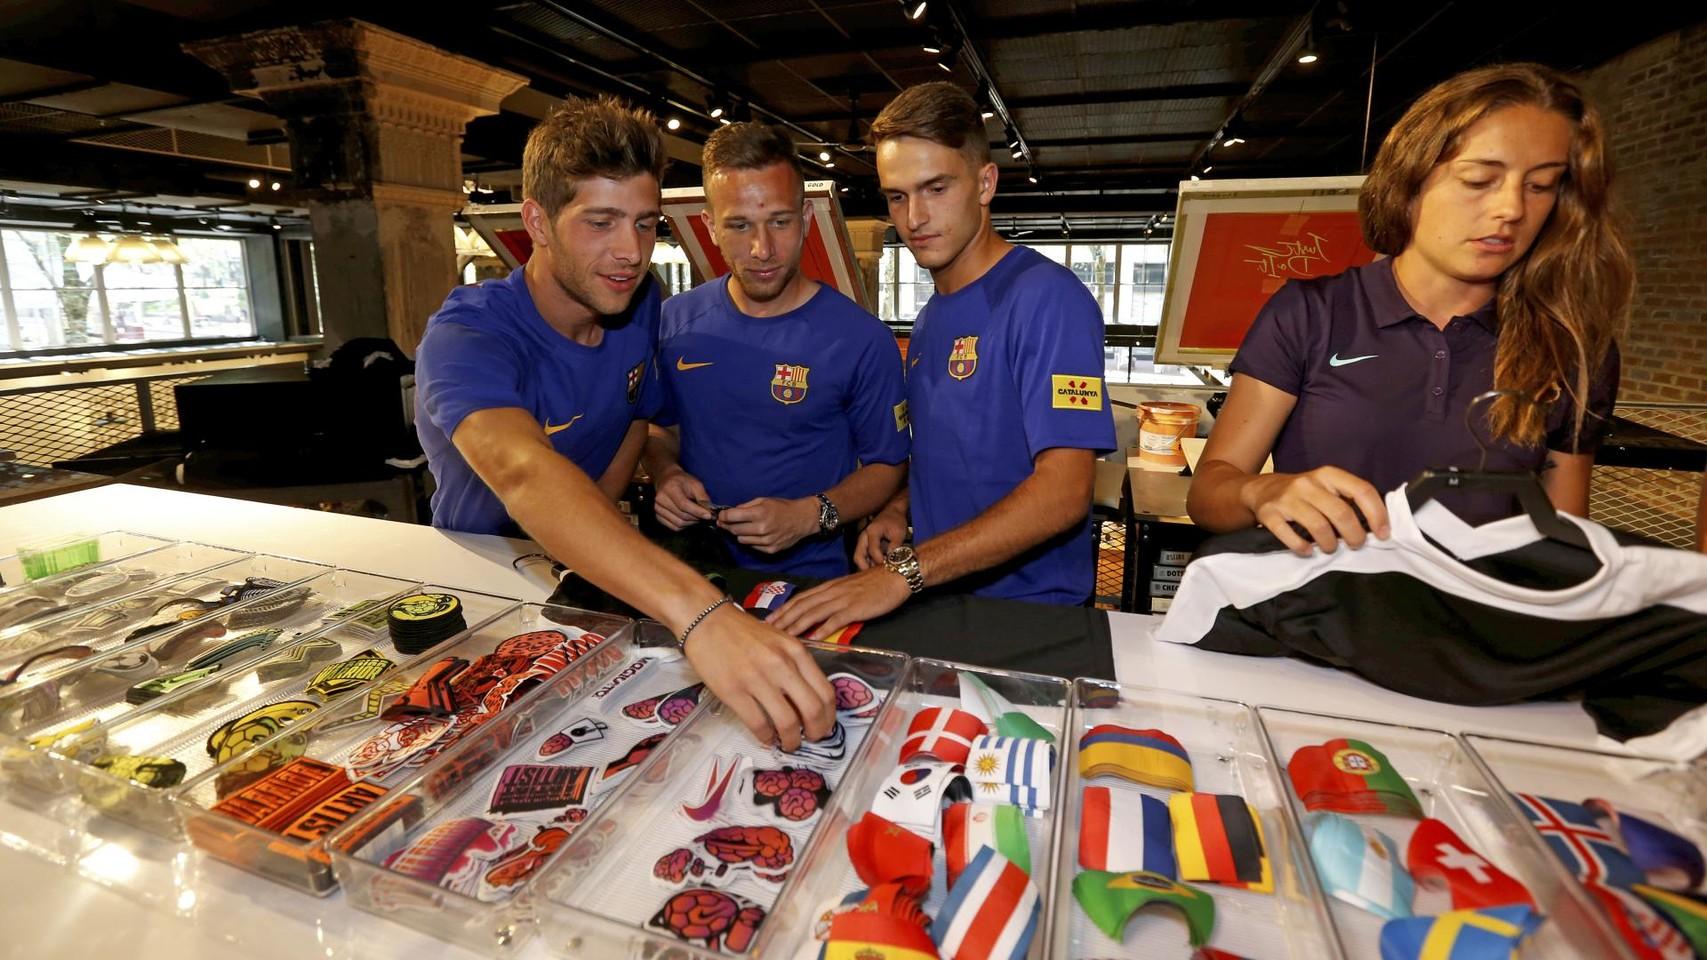 الكثير من المعجبين في متجر نايك ب بورتلاند من أجل مشاهدة لاعبي برشلونة 94927215